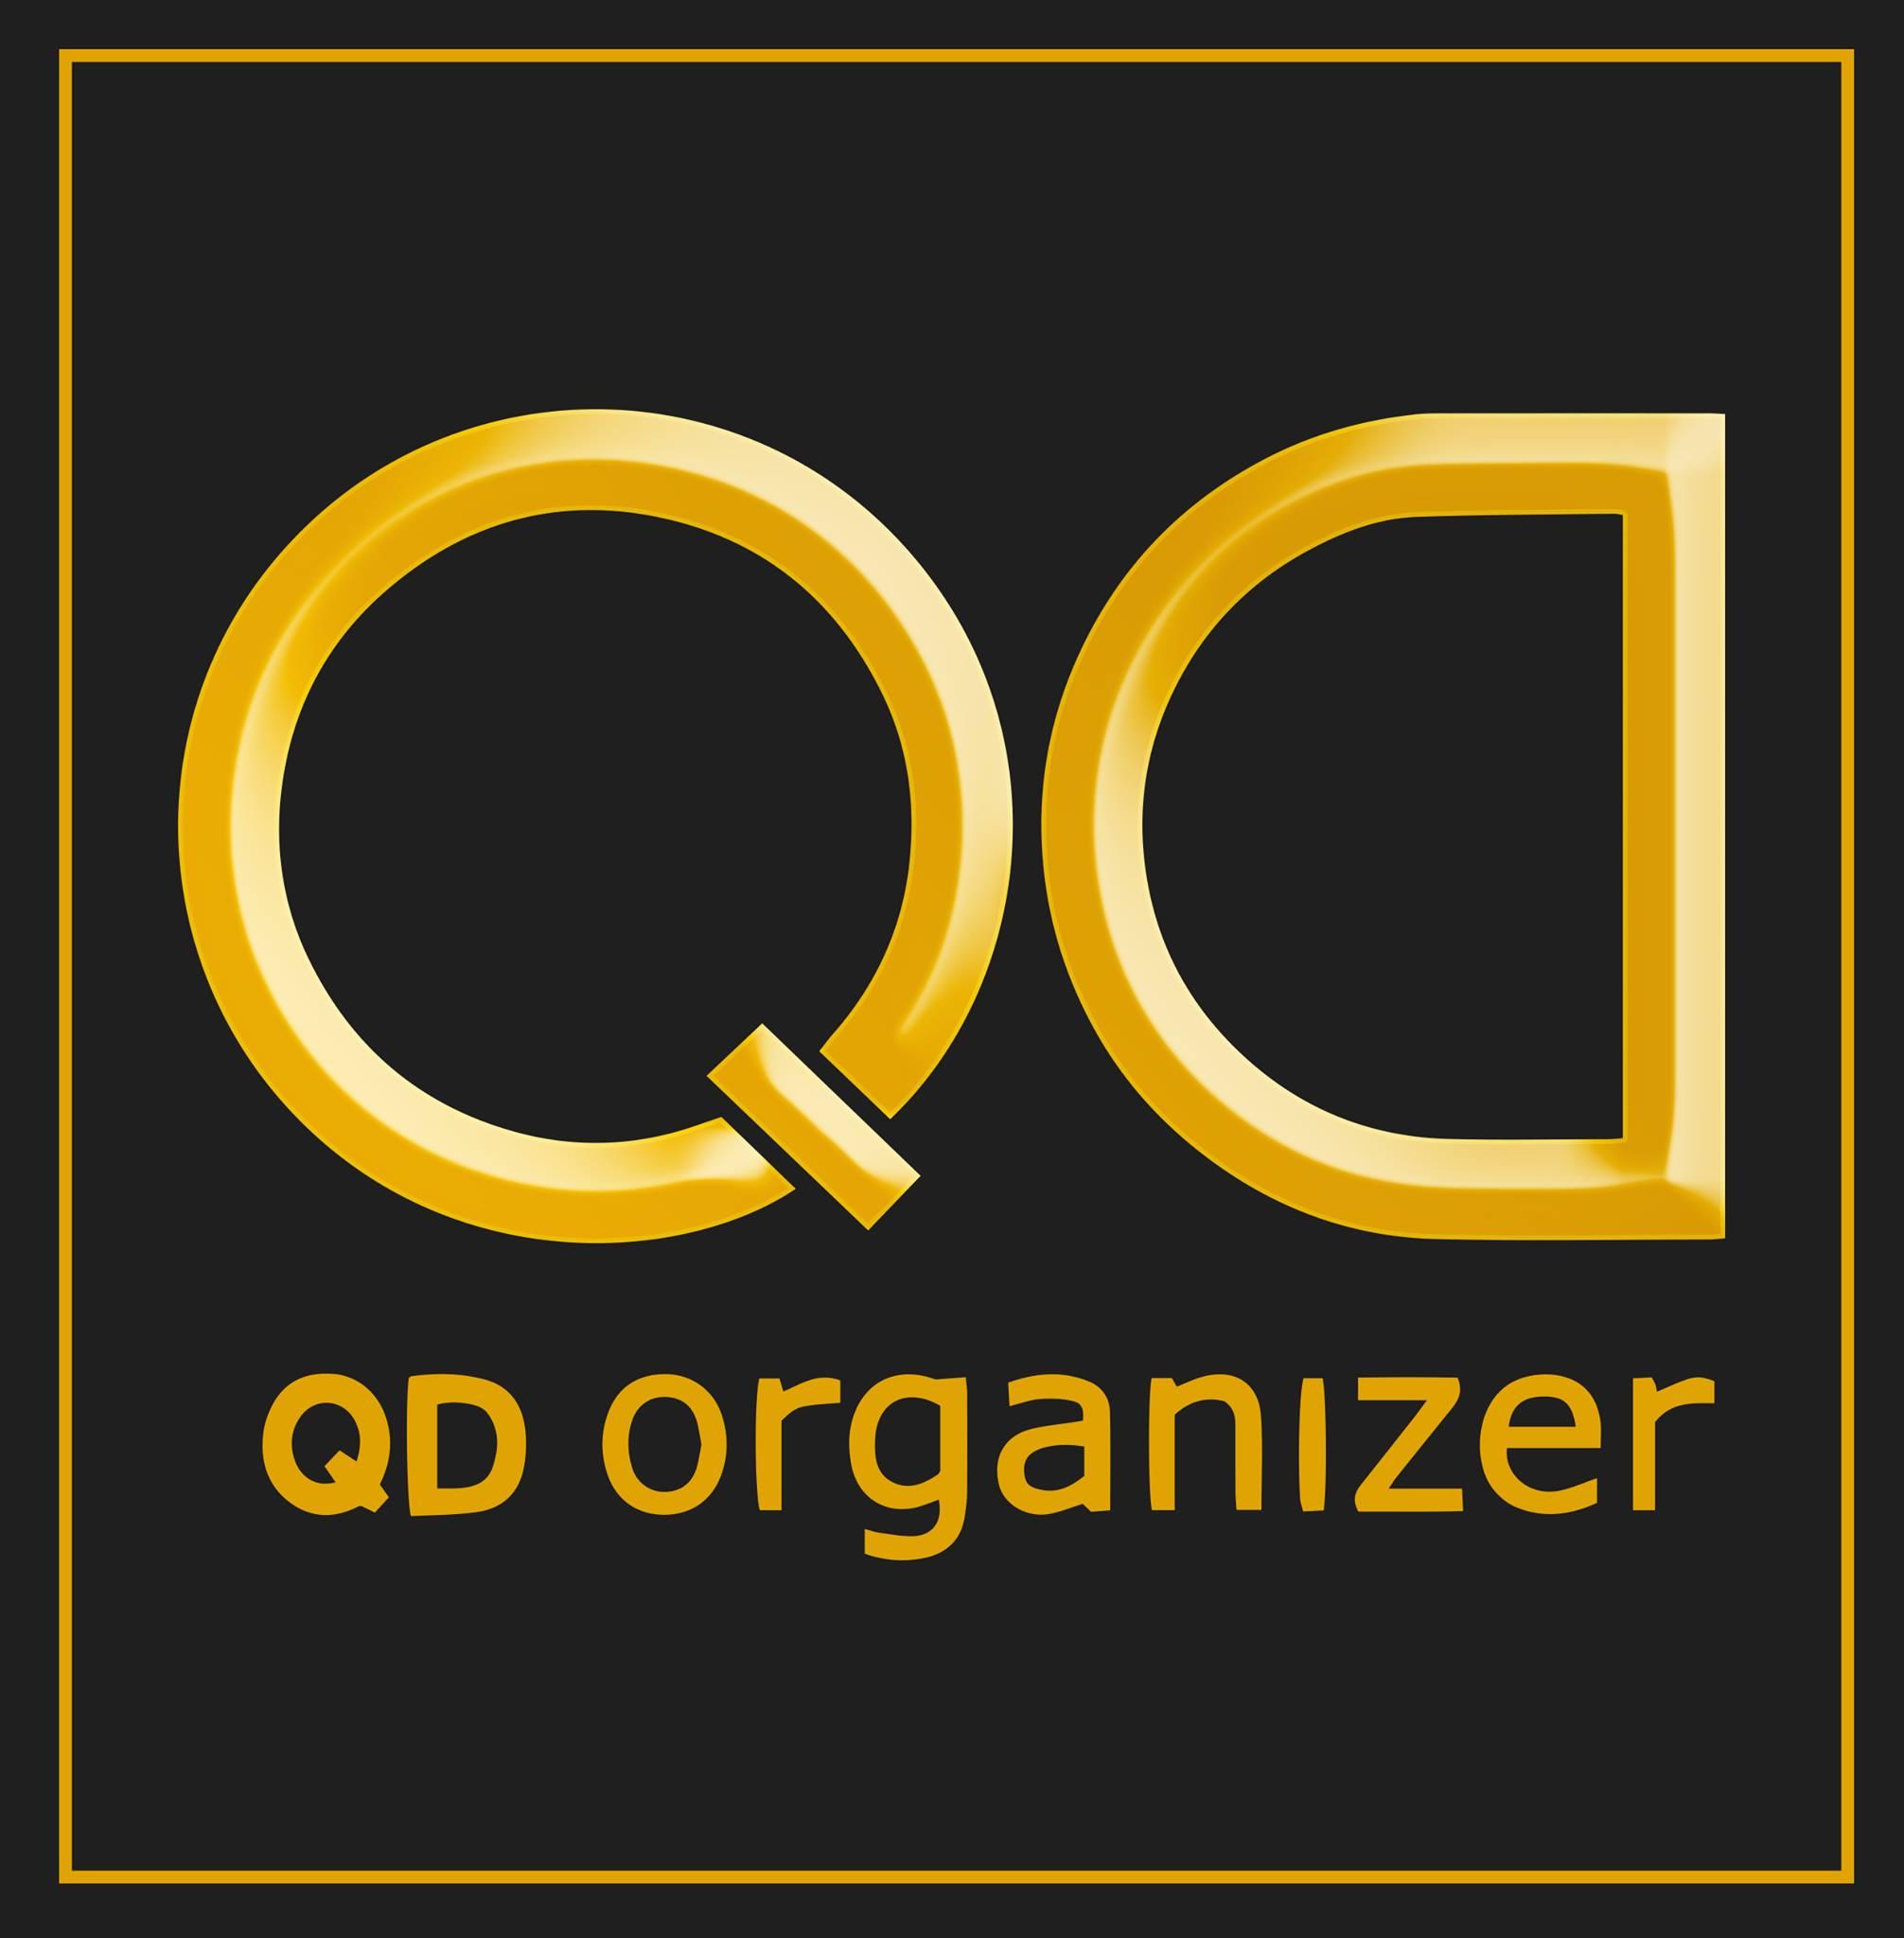 QD Organizer